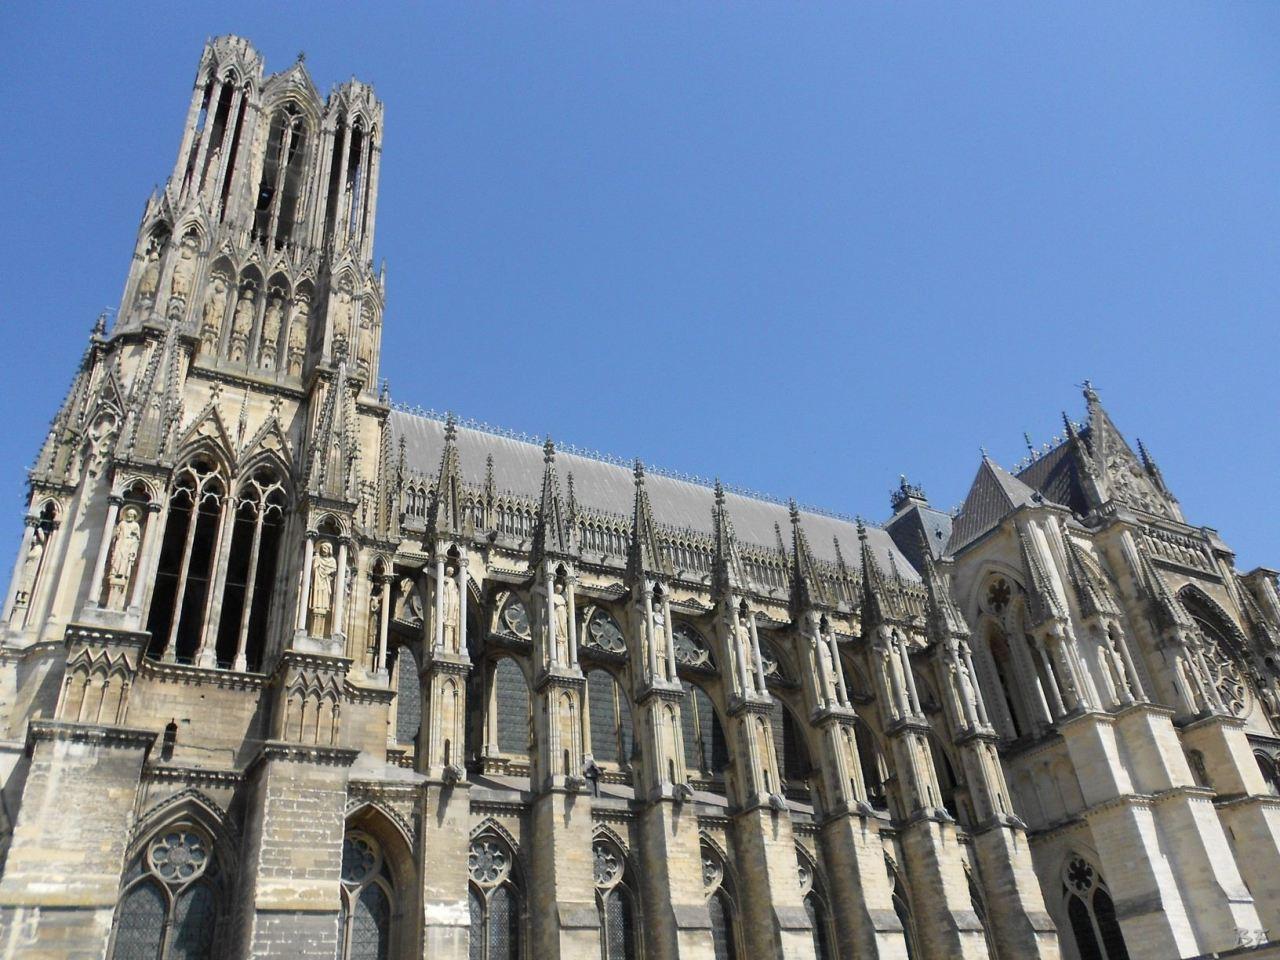 Cattedrale-Gotica-della-Vergine-di-Reims-Marne-Gran-Est-Francia-11